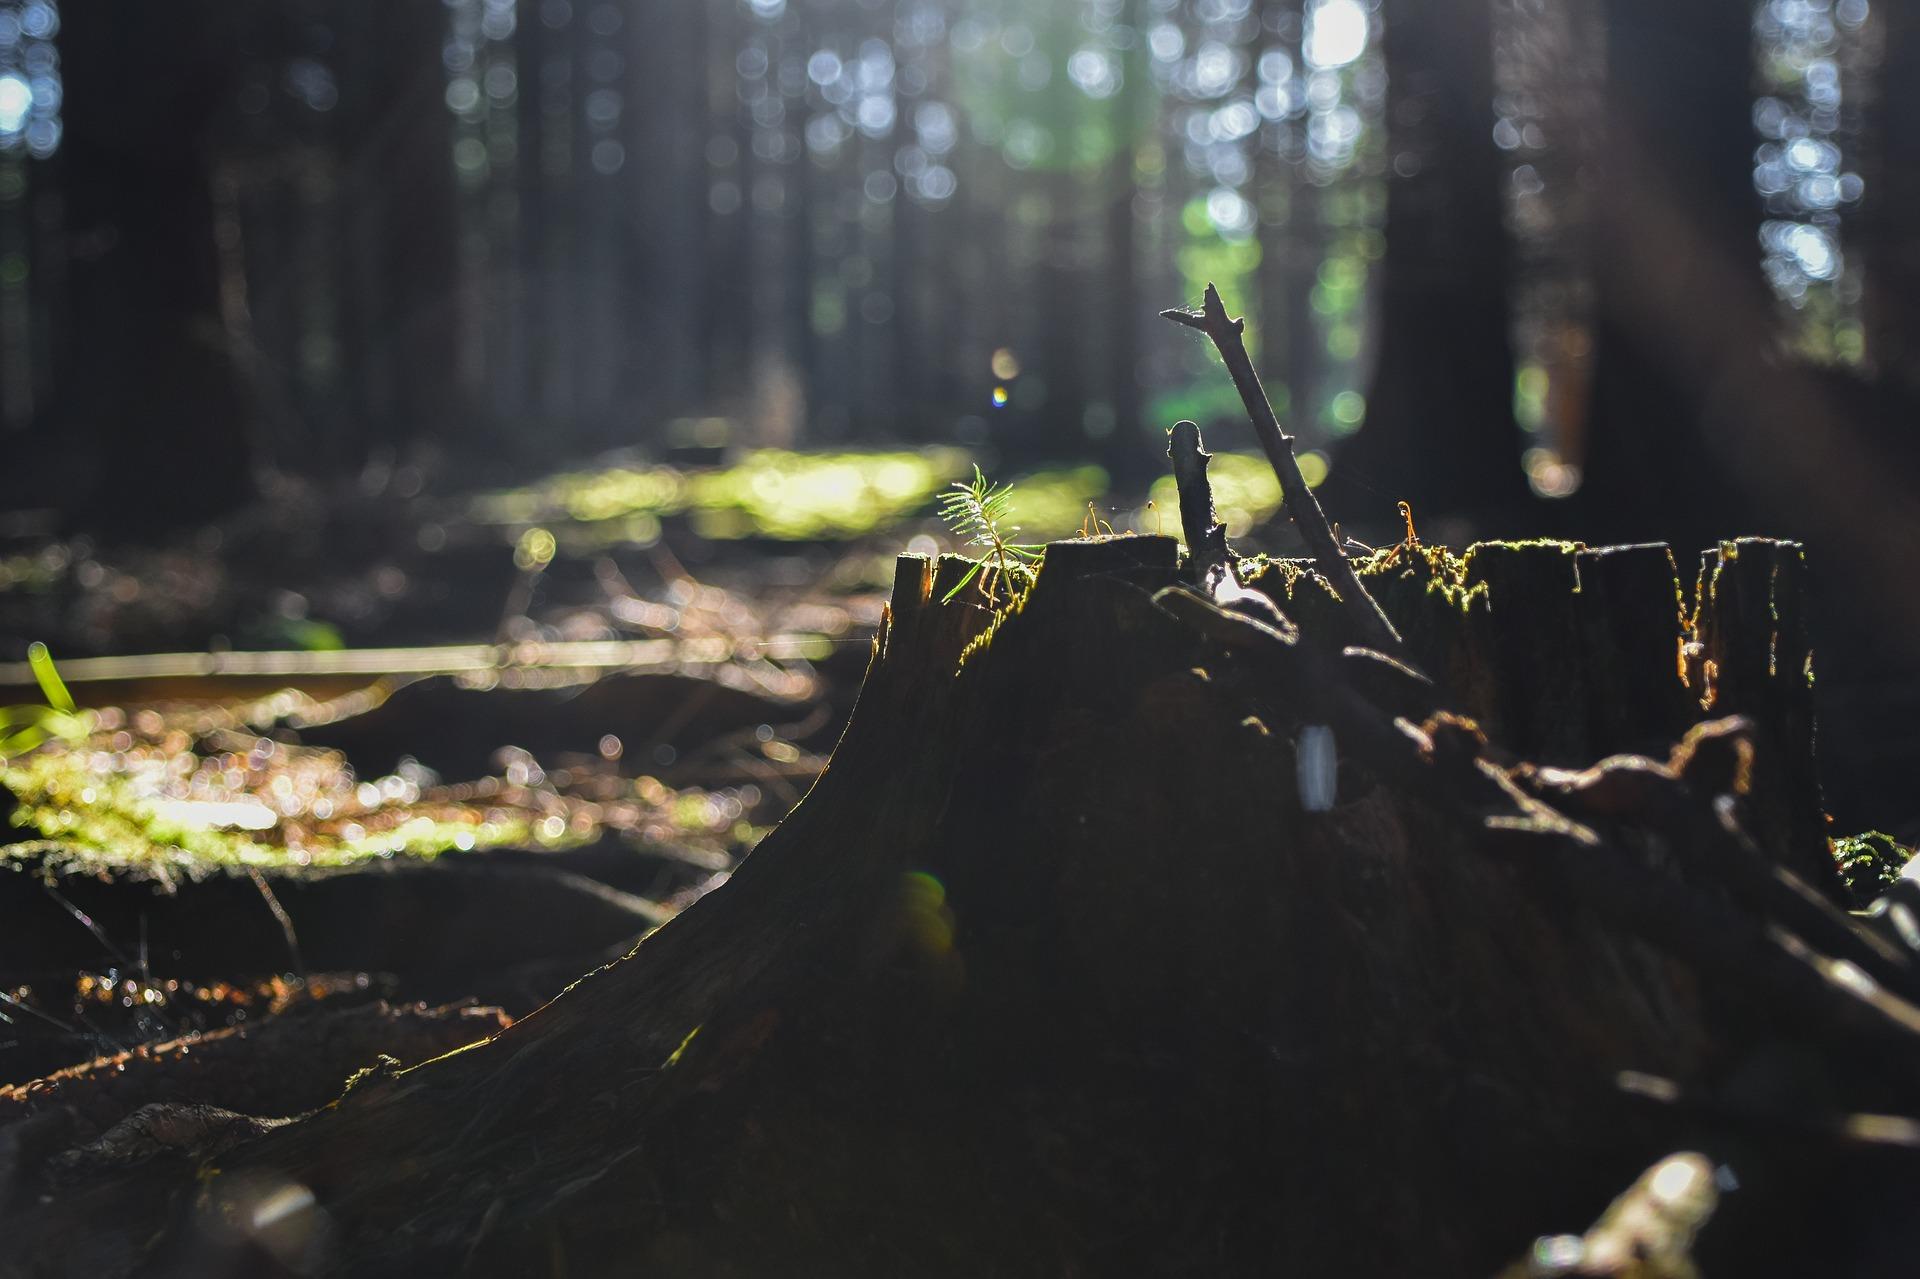 世界における森林破壊の対策